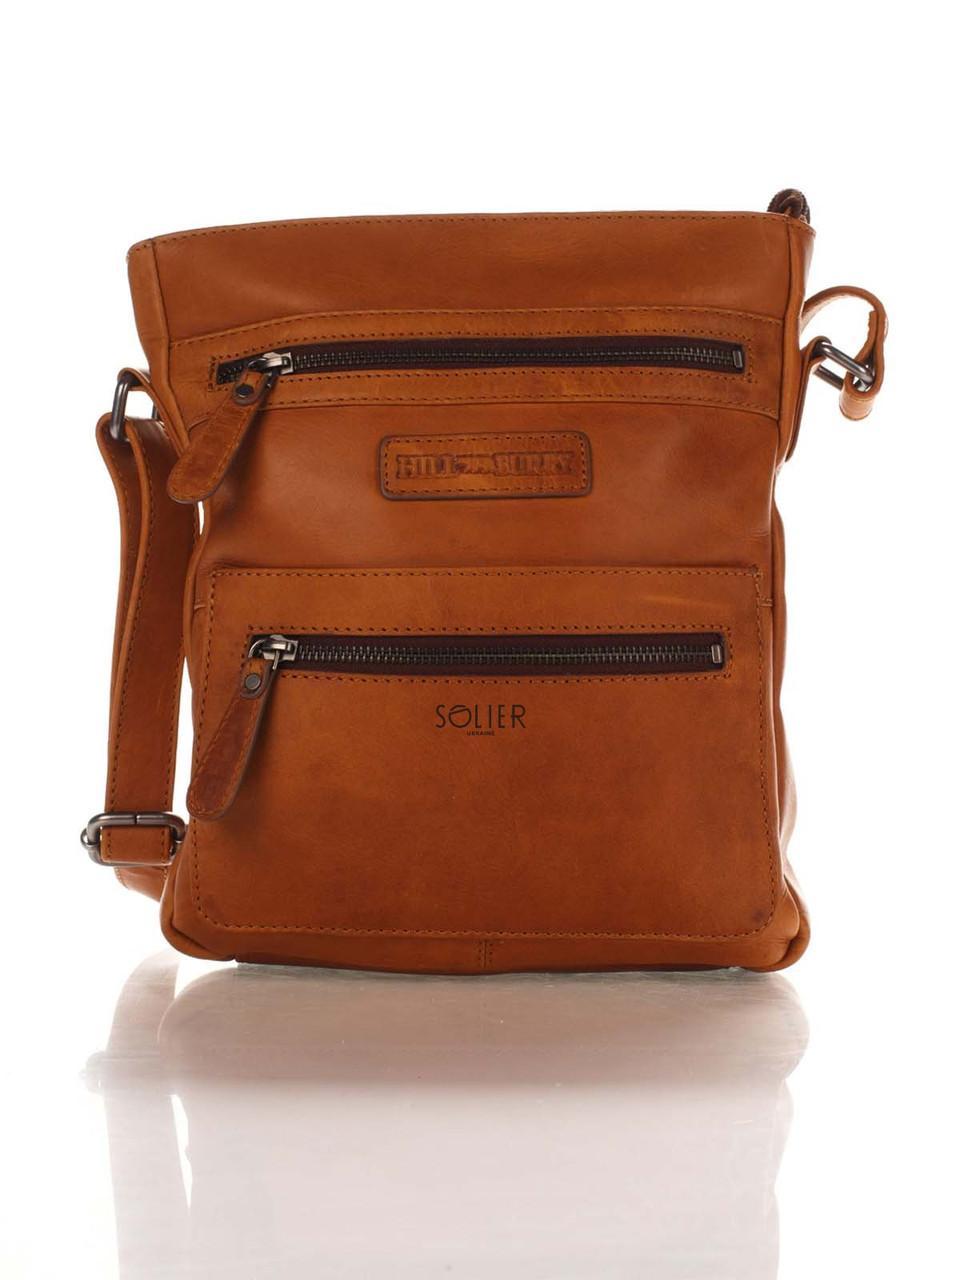 5806dd5af52b Мужская Сумка HILL BURRY 1882_brown кожаная коричневый: купить в ...